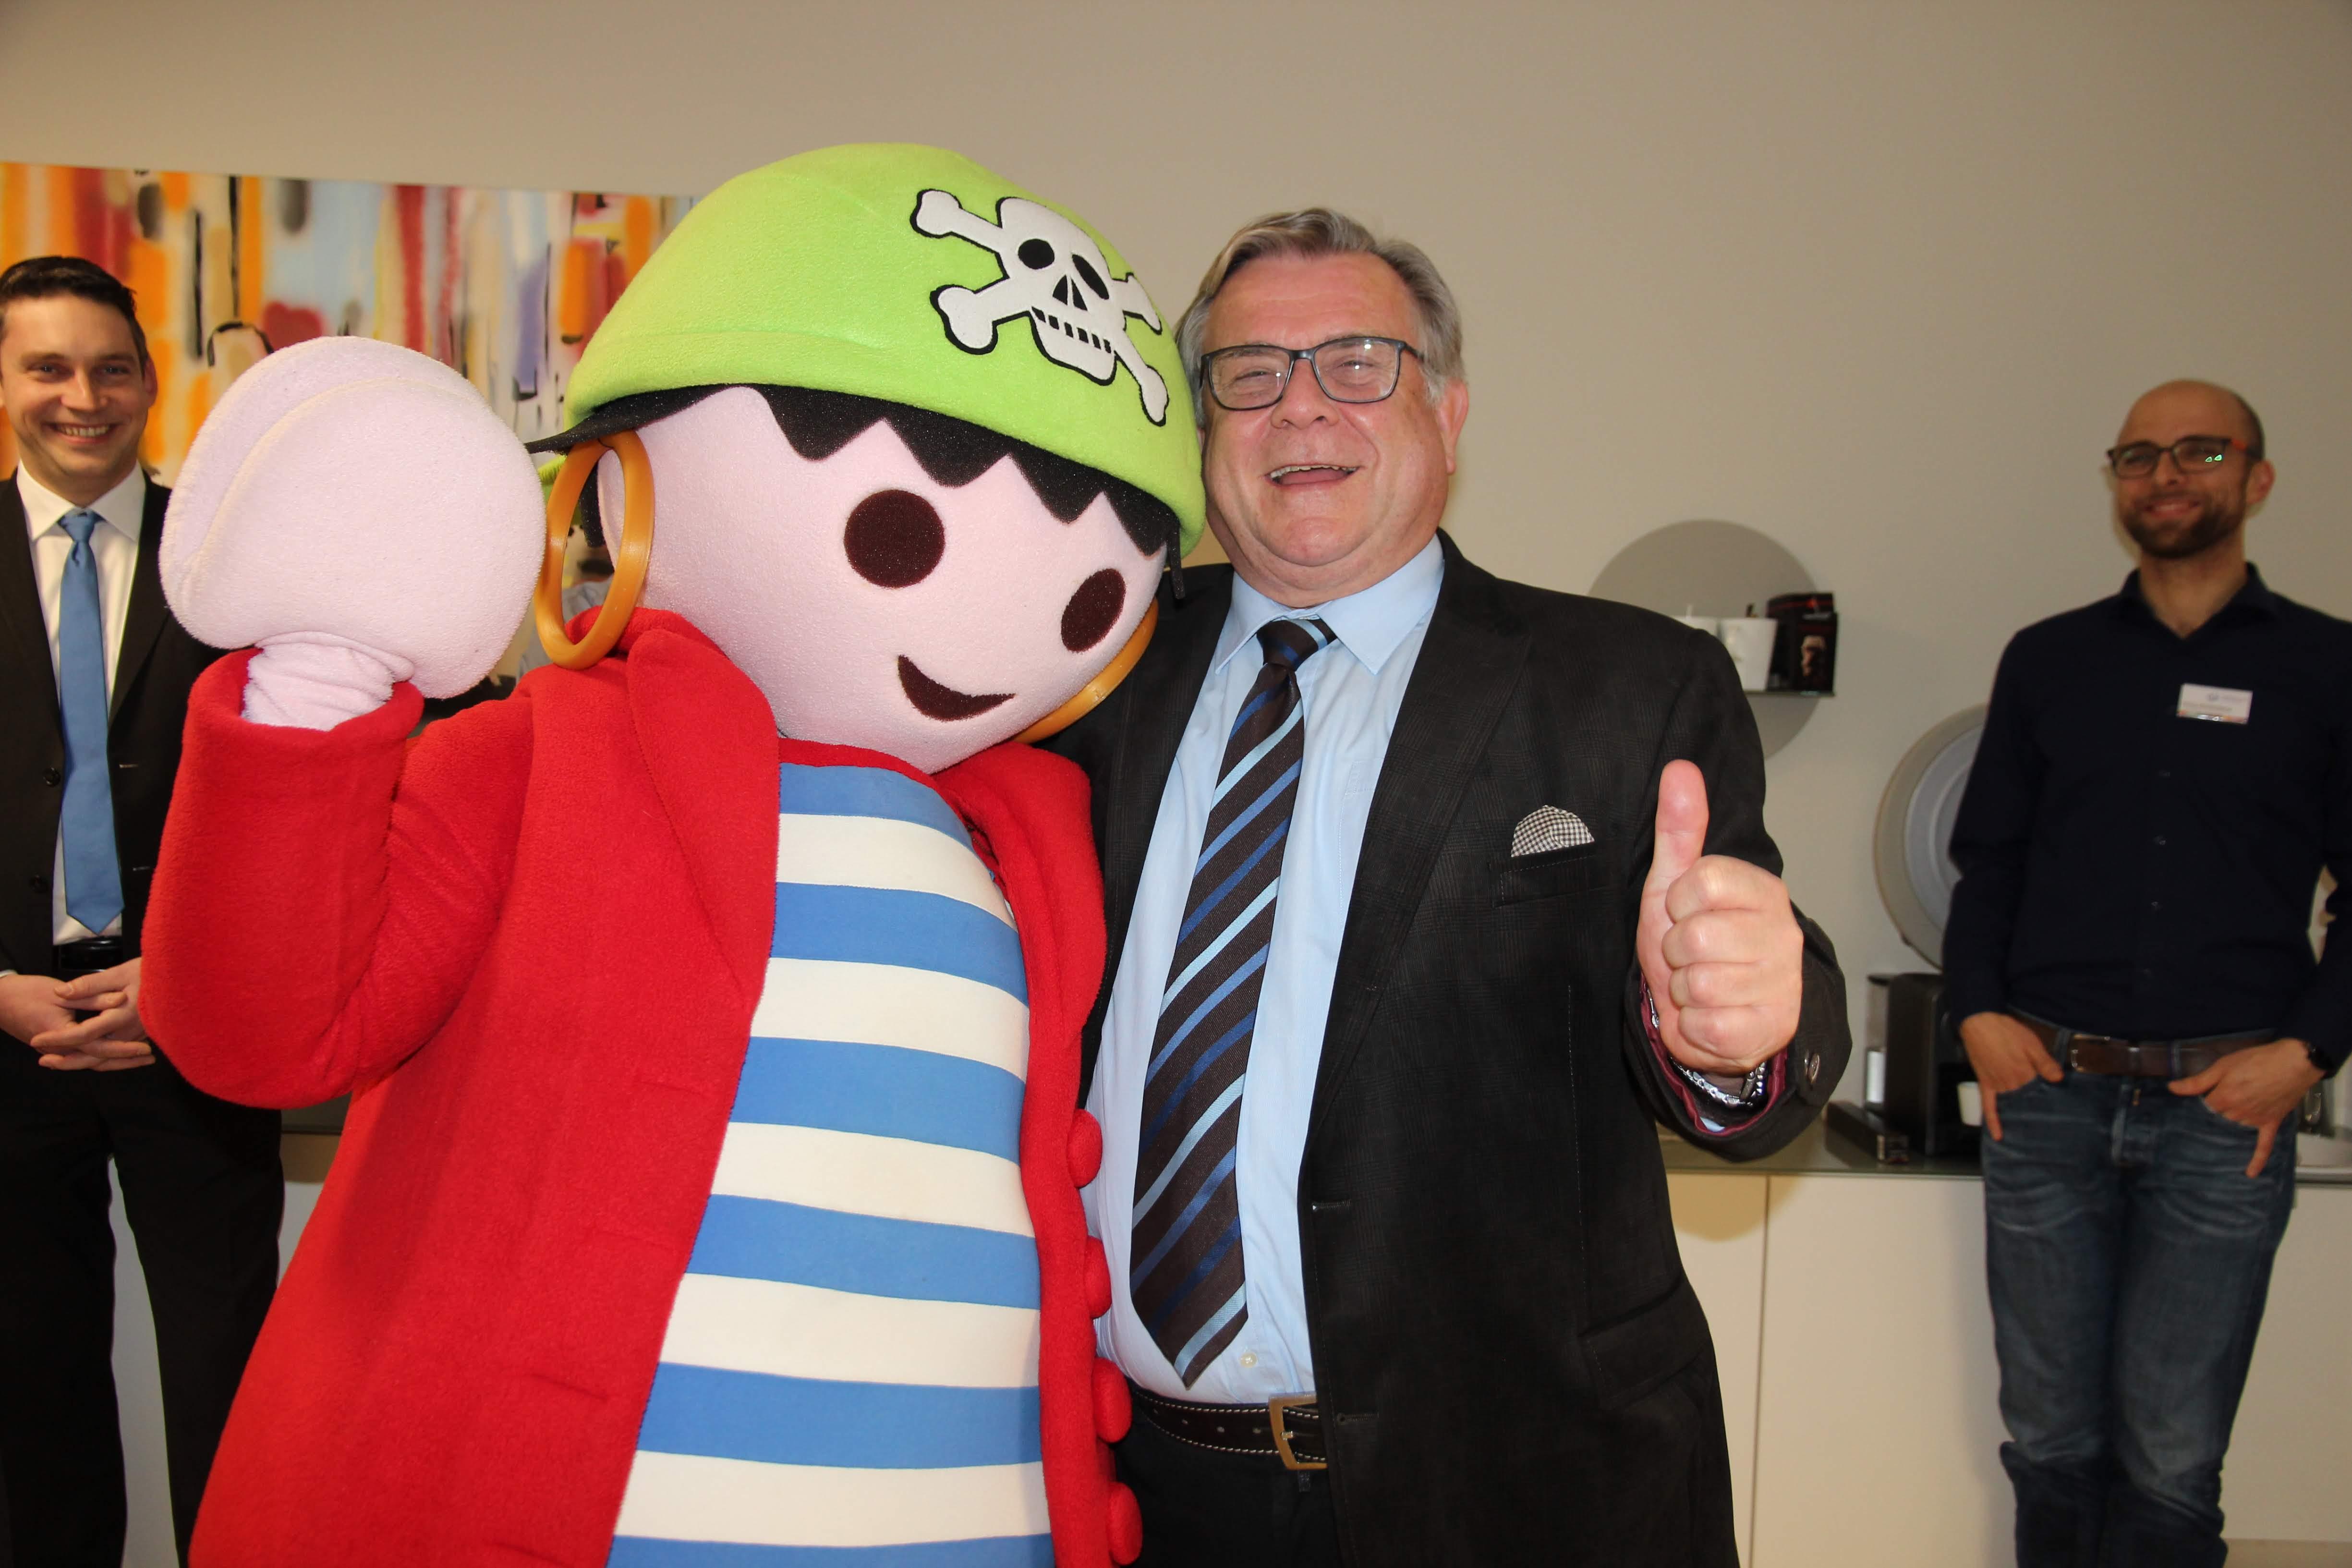 Playmobil-Kinderstiftung unterstützt Frühförderprojekt mit 30.000 Euro. – Vorsitzender Gerhard John dankte dem Spendenüberbringer Rico im Namen der Lebenshilfe-Familie sehr herzlich.